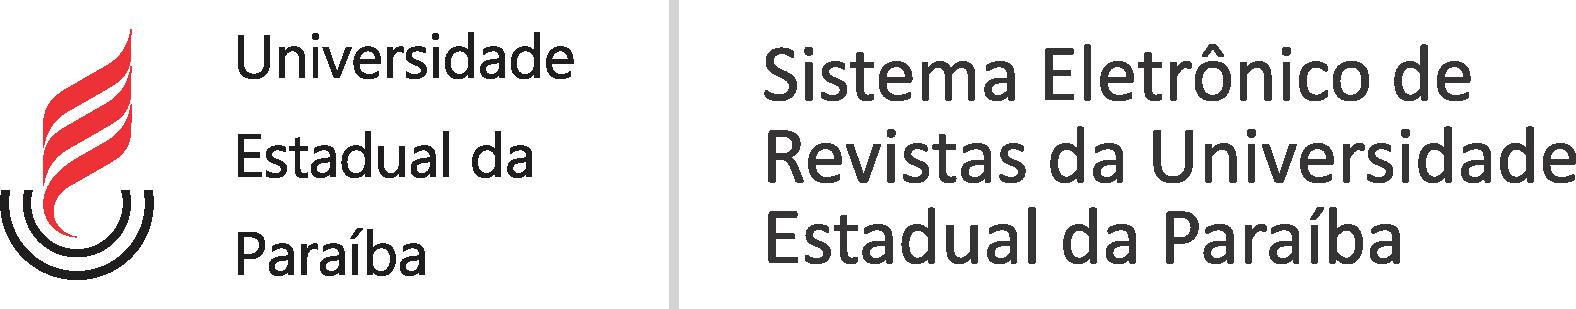 SISTEMA ELETRÔNICO DE REVISTAS - UEPB